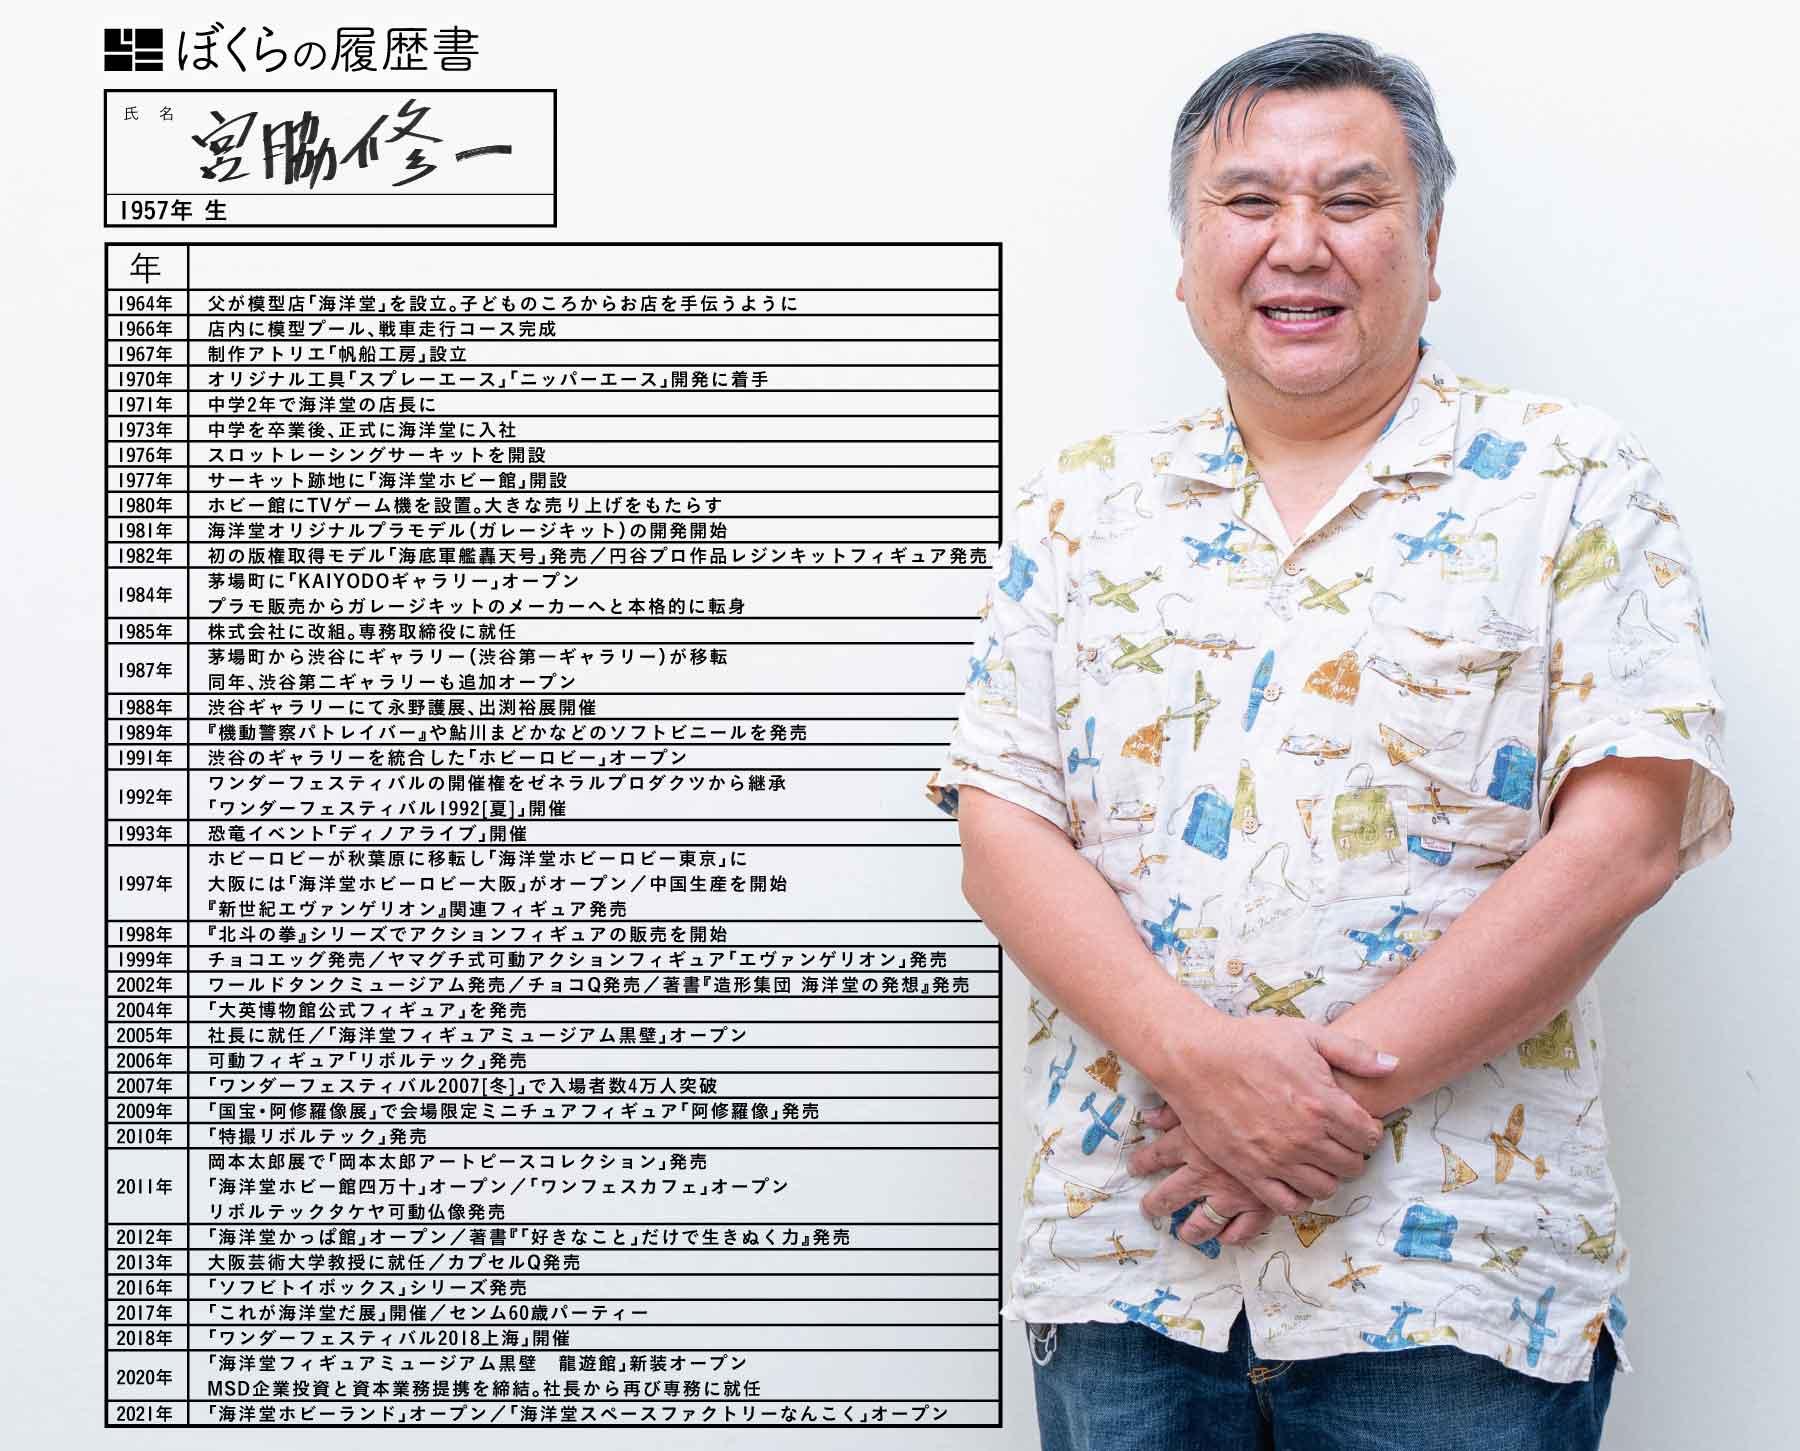 海洋堂・宮脇修一さんの履歴書